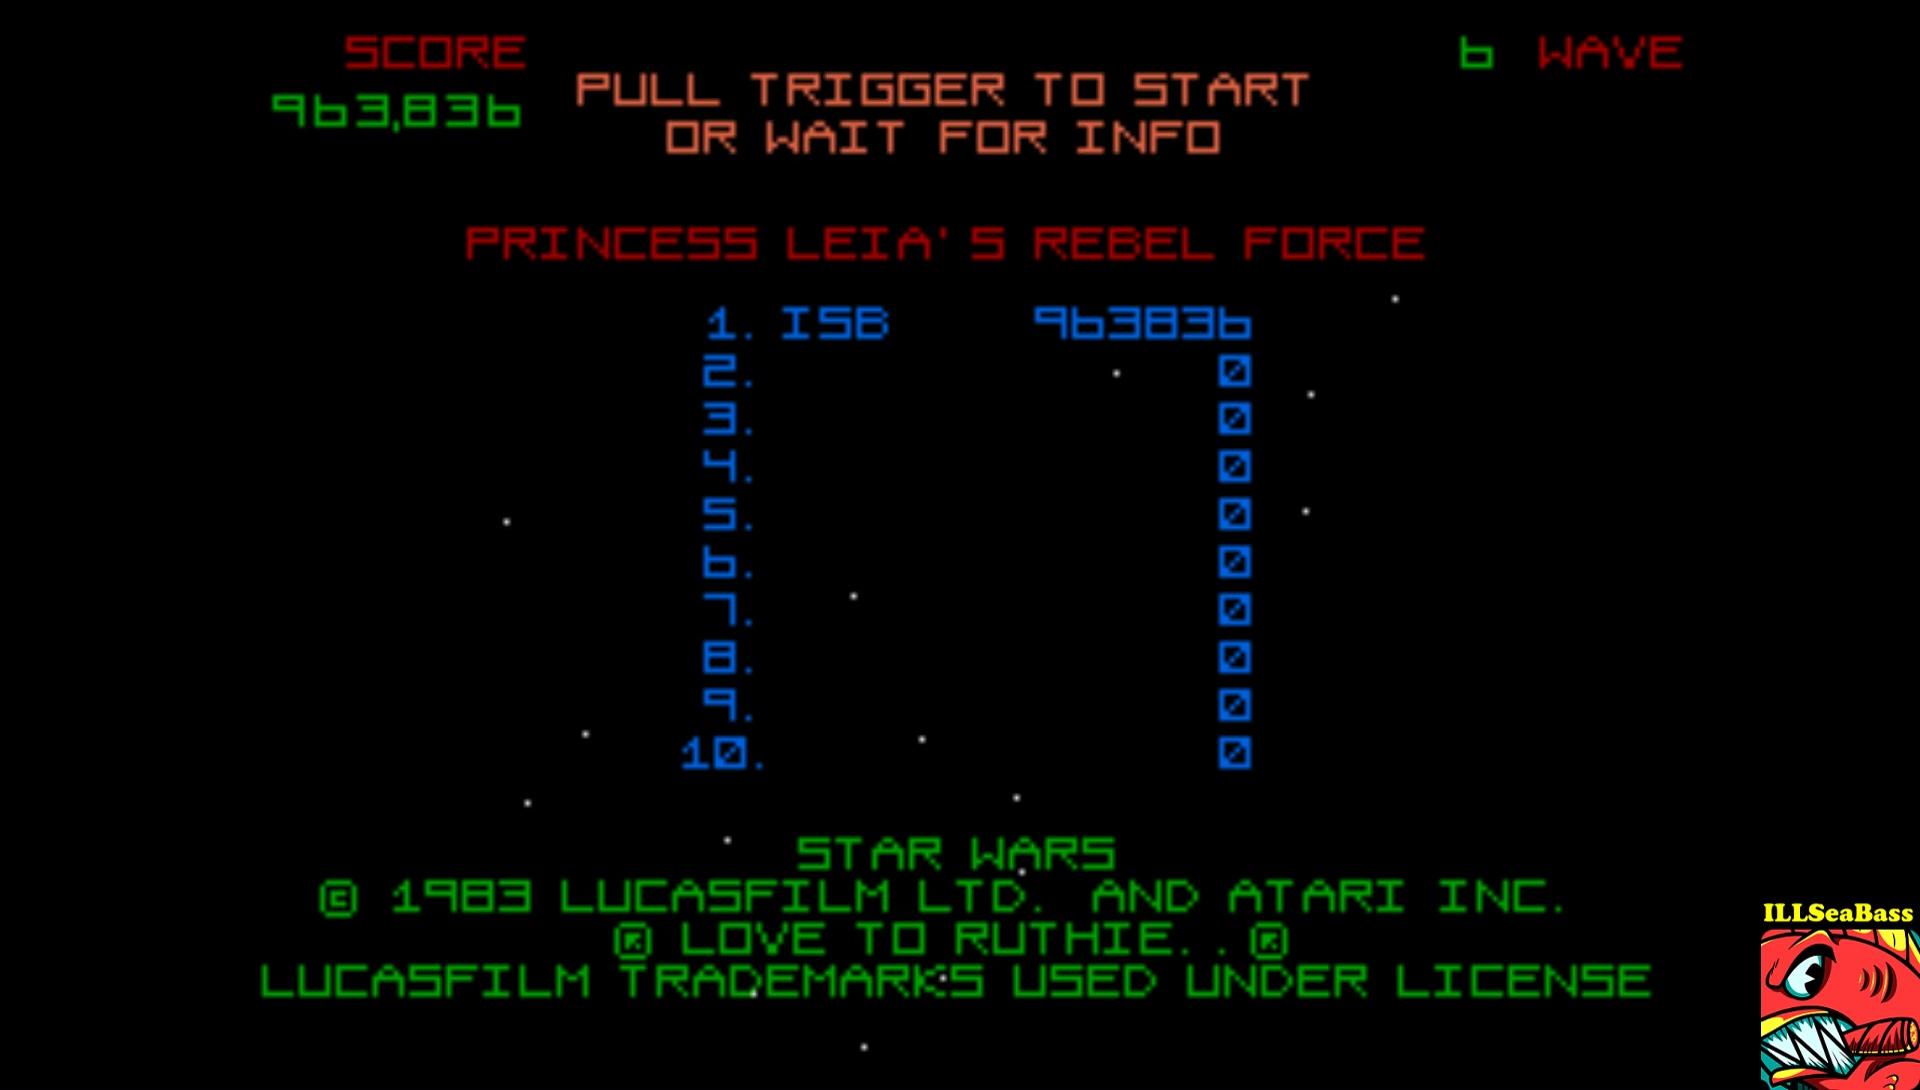 ILLSeaBass: Star Wars [Wave 5: Hard] (Atari ST Emulated) 963,836 points on 2017-02-27 23:53:40